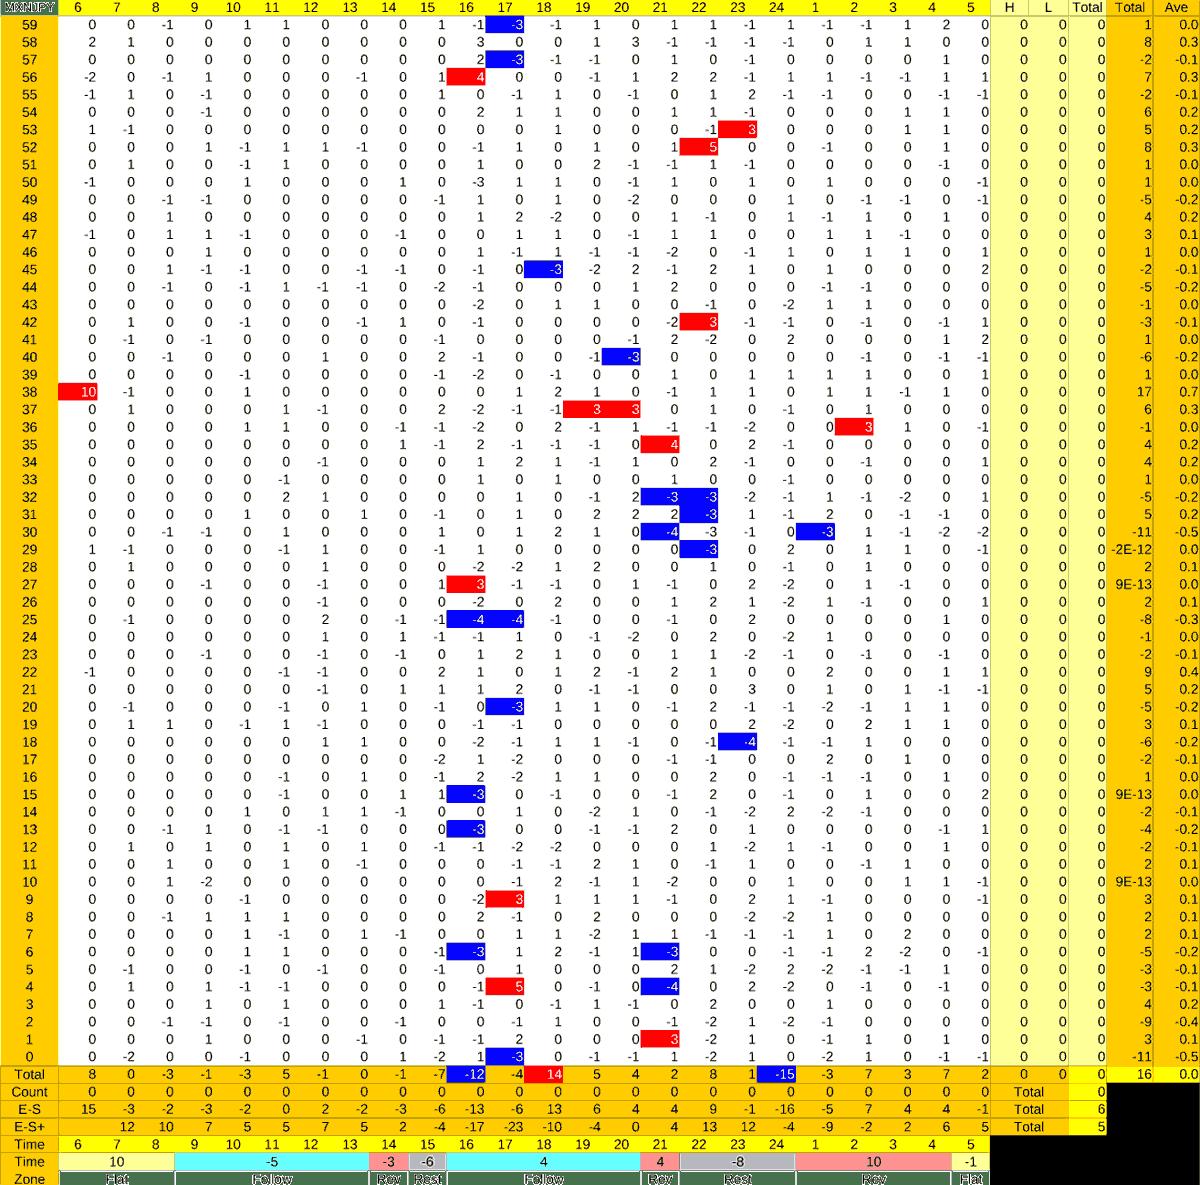 20210727_HS(3)MXNJPY-min